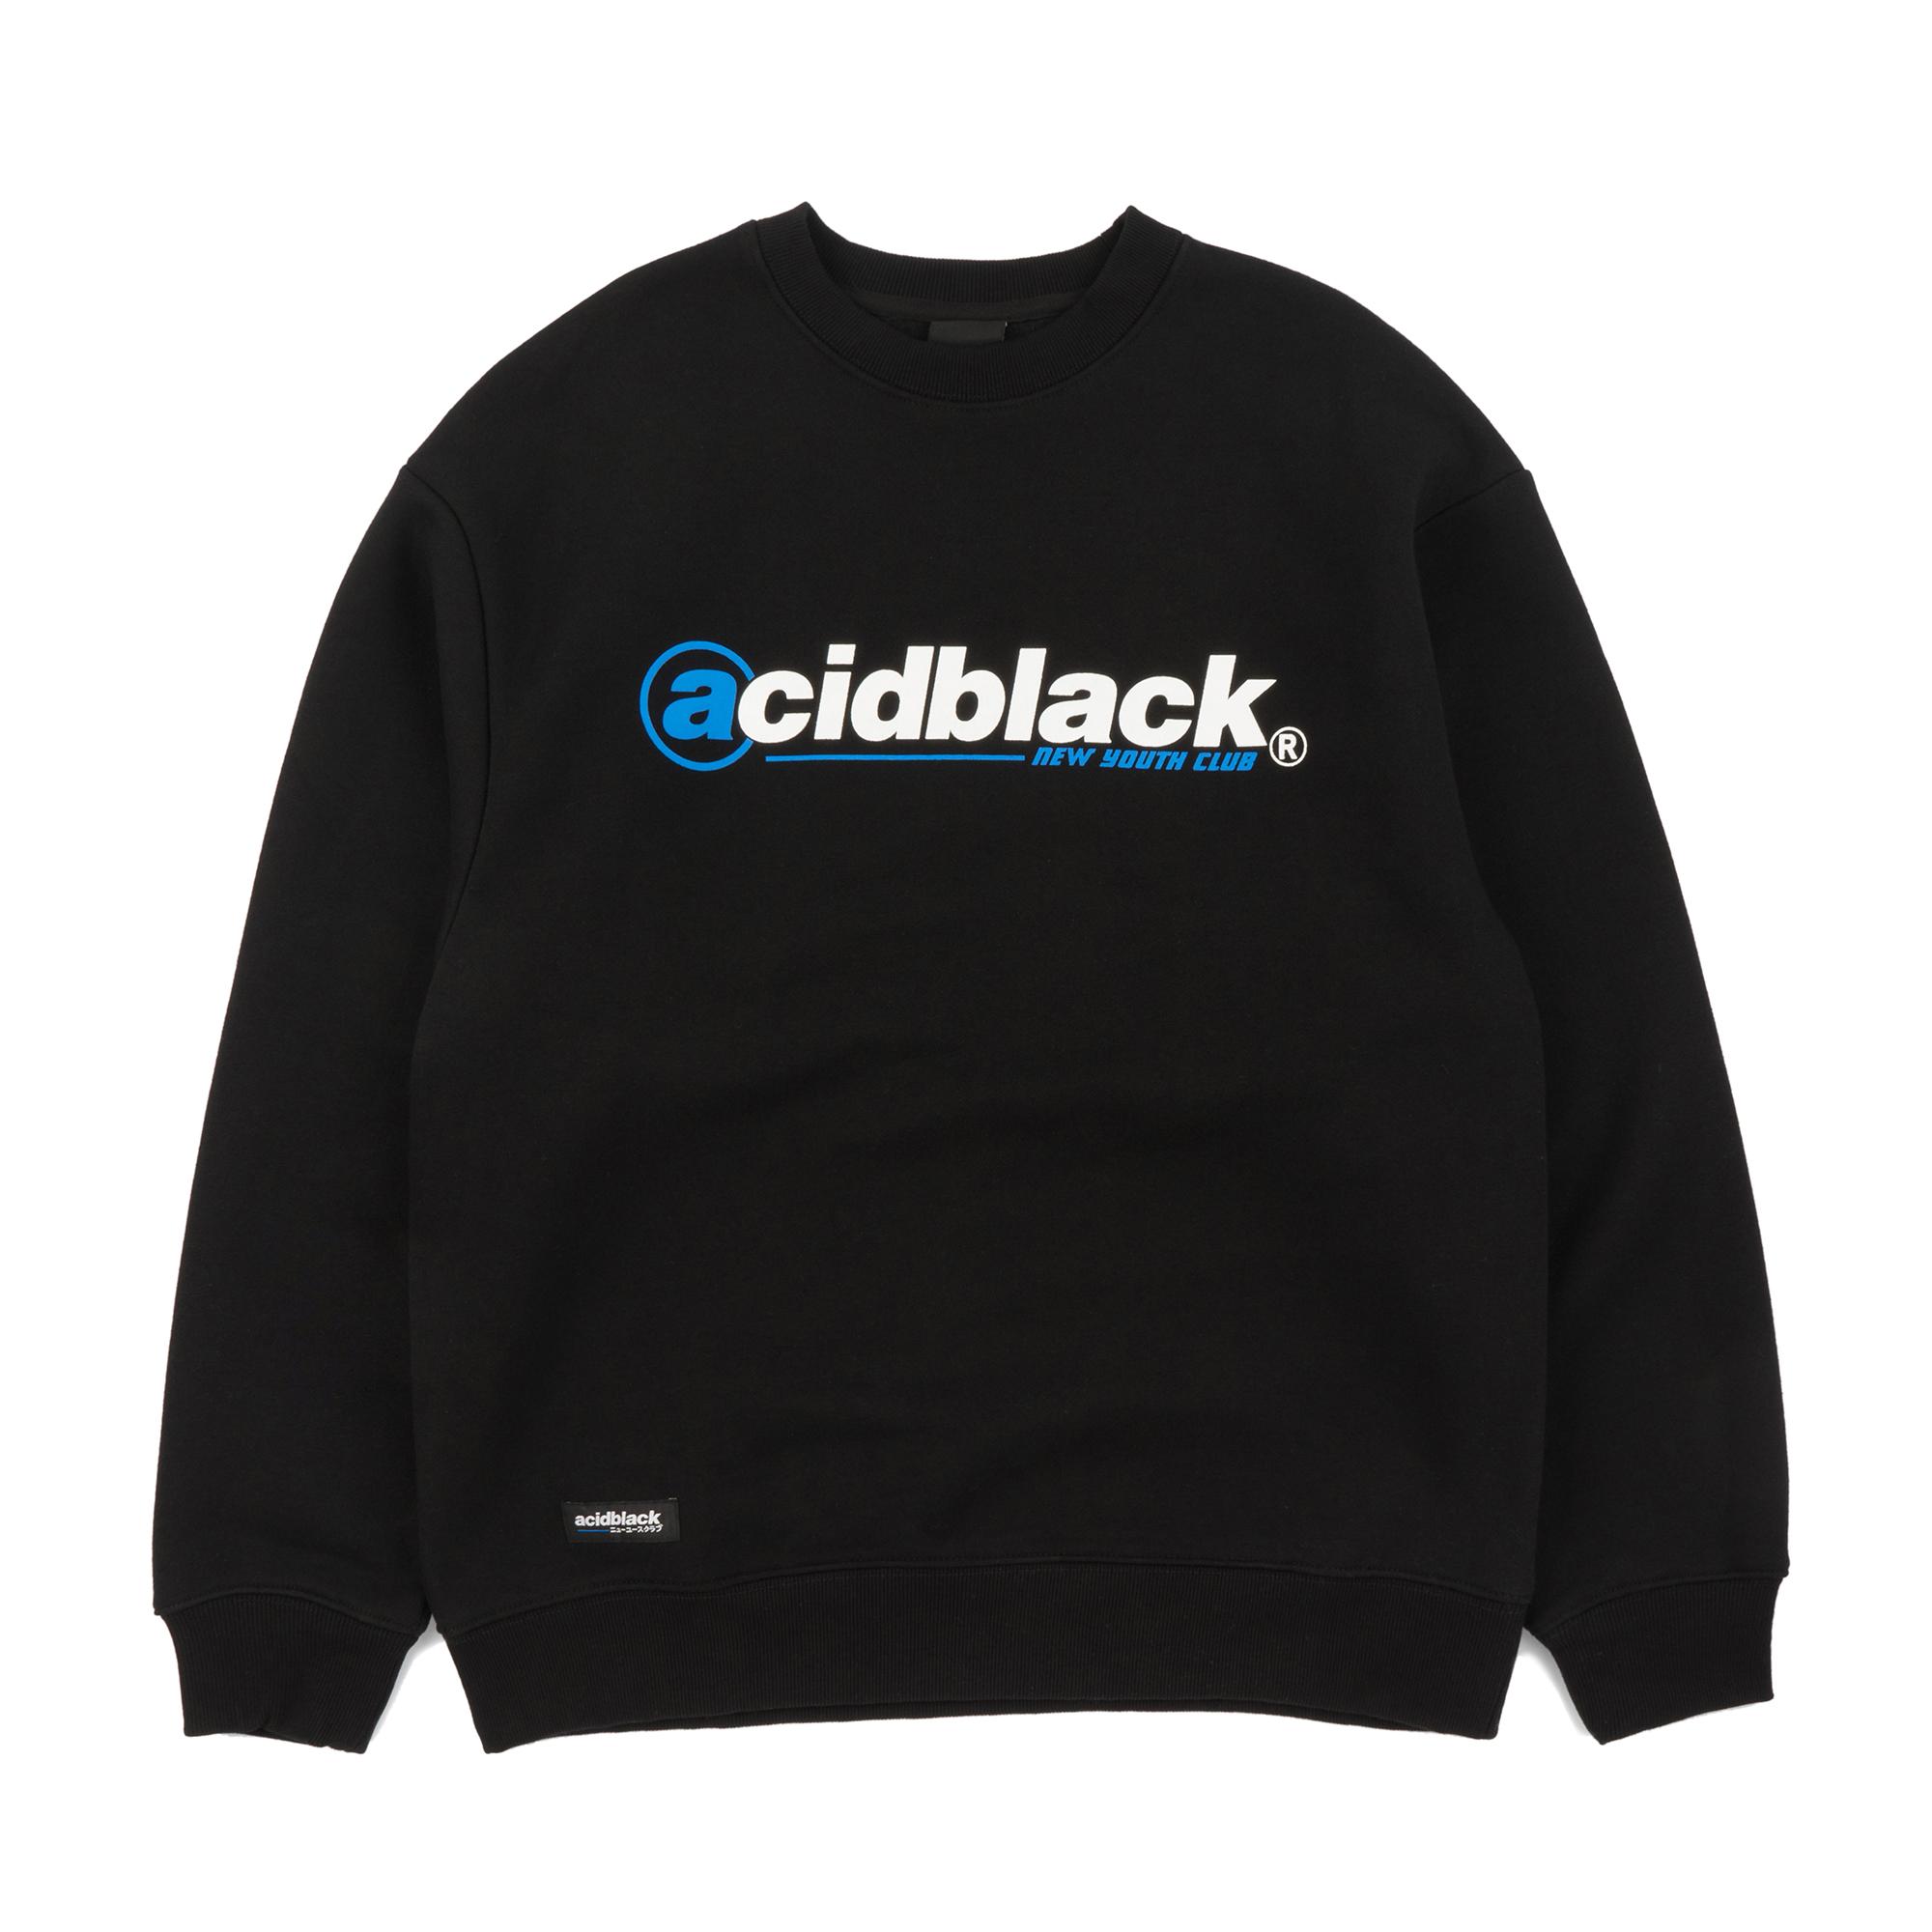 [에시드블랙] A POINT LOGO MTM (BLACK) 기모 맨투맨 크루넥 스웨트셔츠